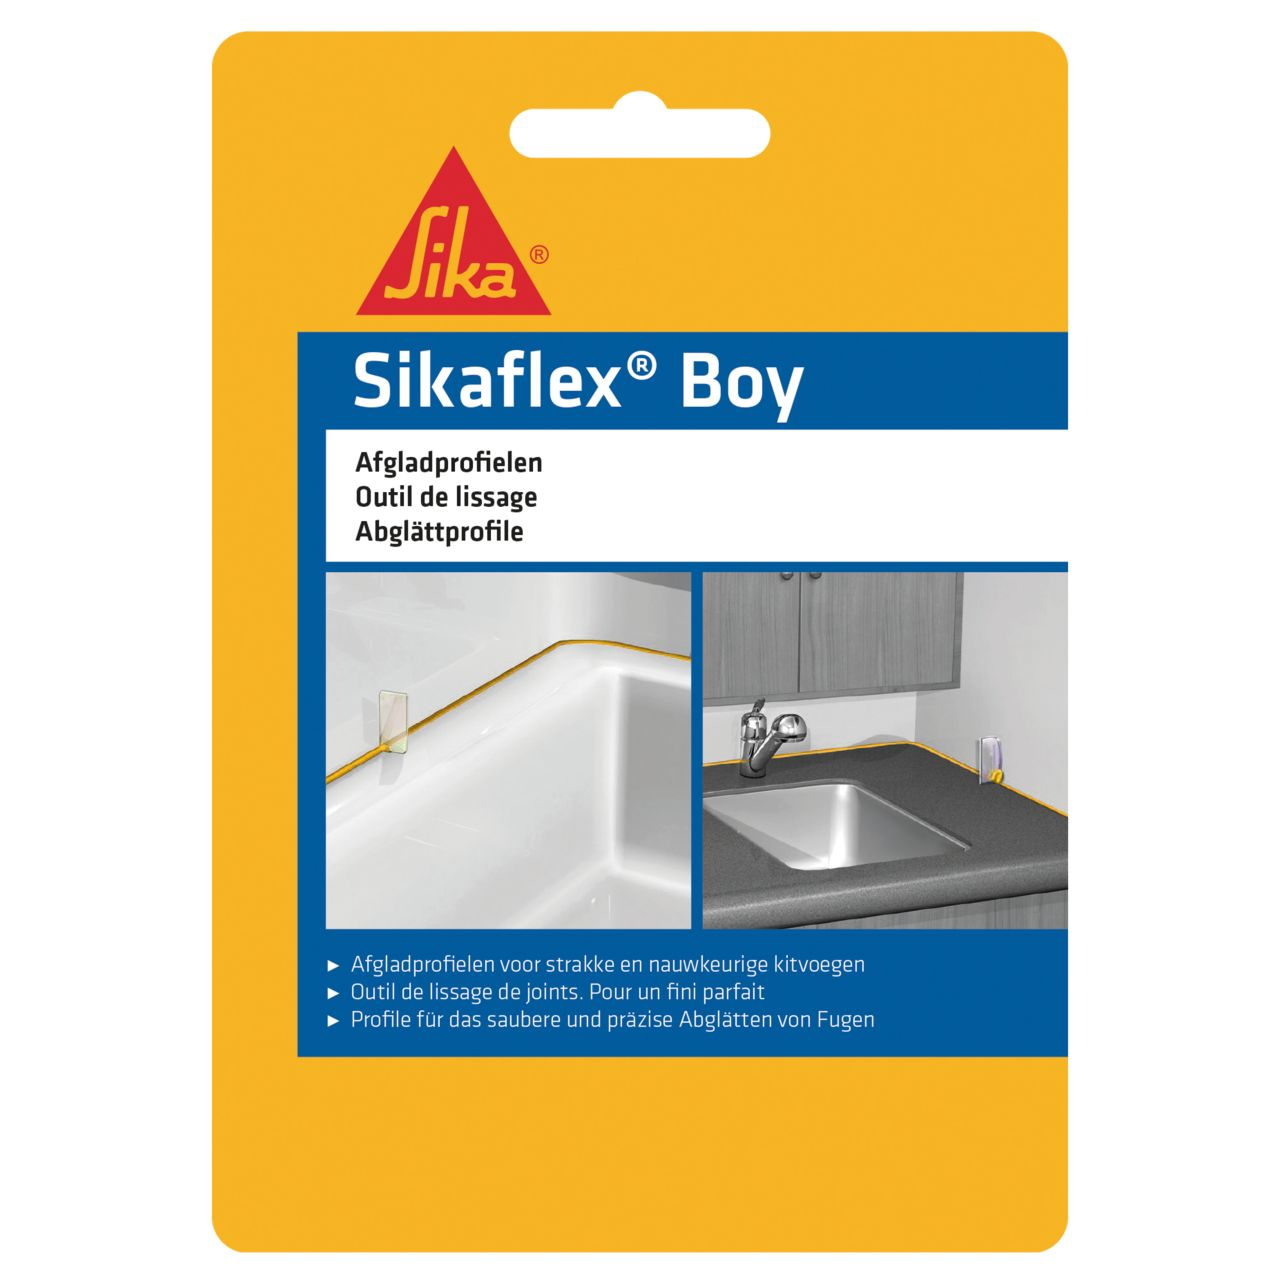 Sikaflex® Boy